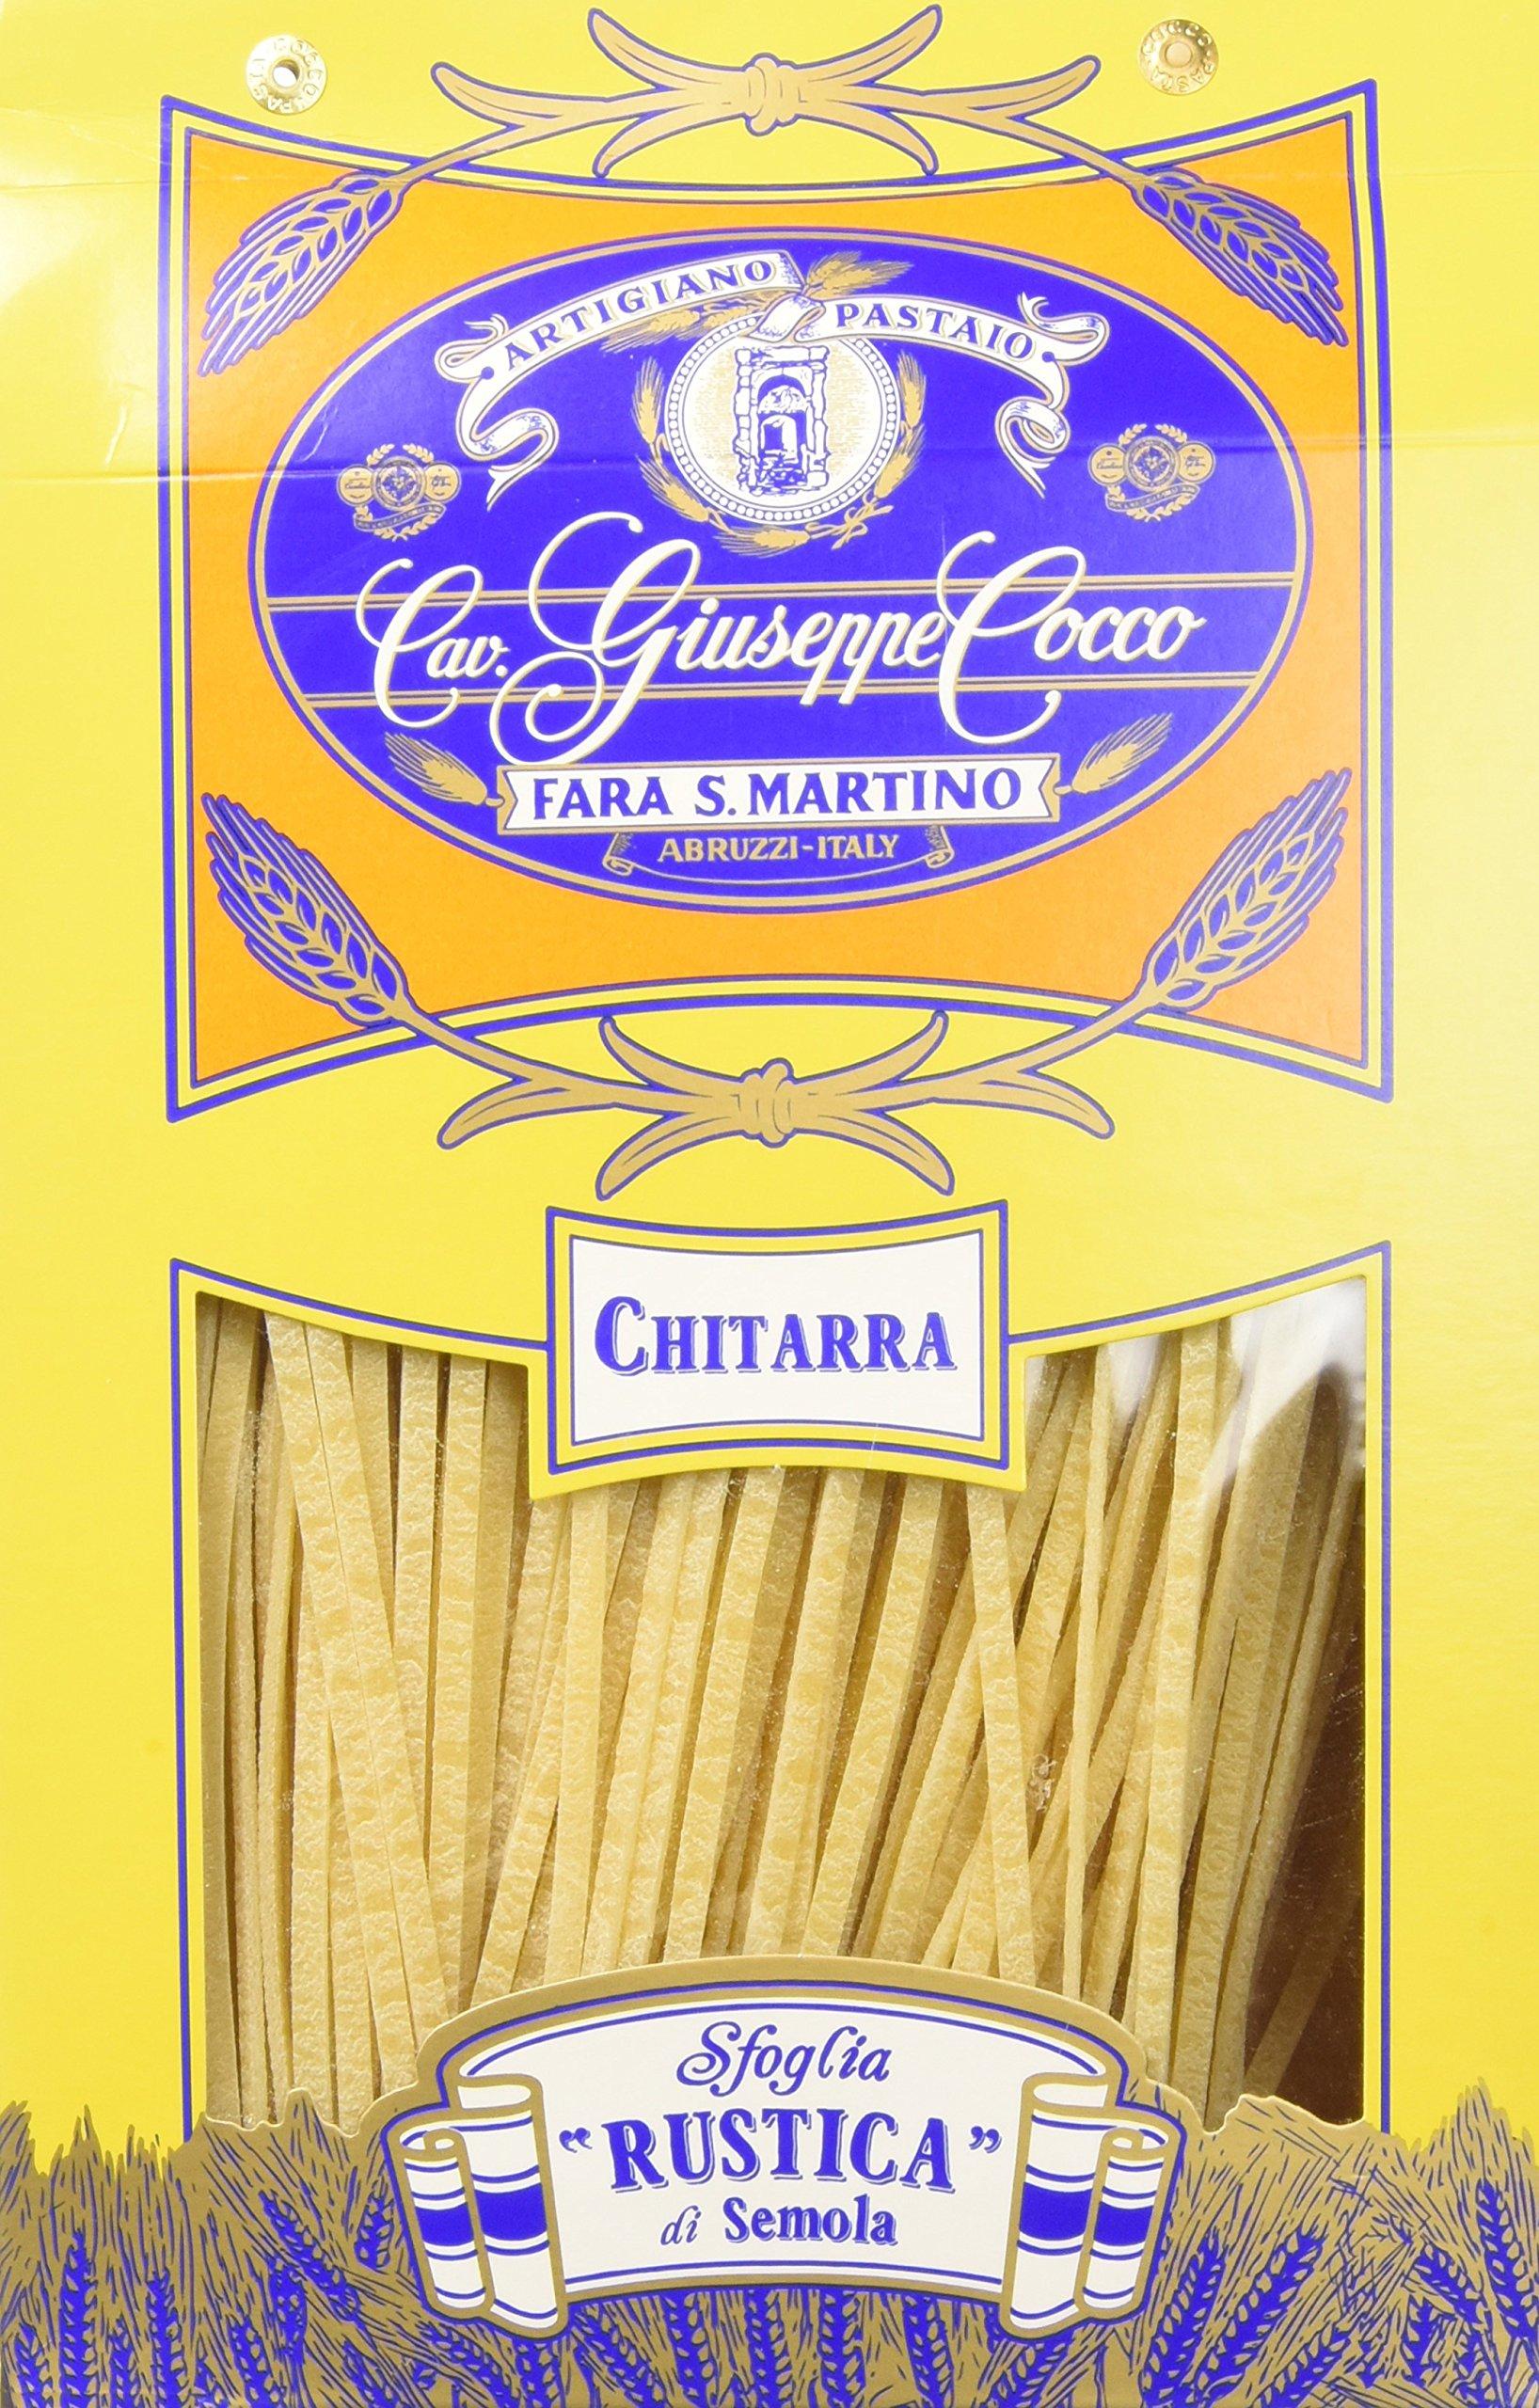 Artigiano Pastaio Formato Chitarra N.158 Cavalier Giuseppe Cocco Fara San Martino Abruzzo - 500 g